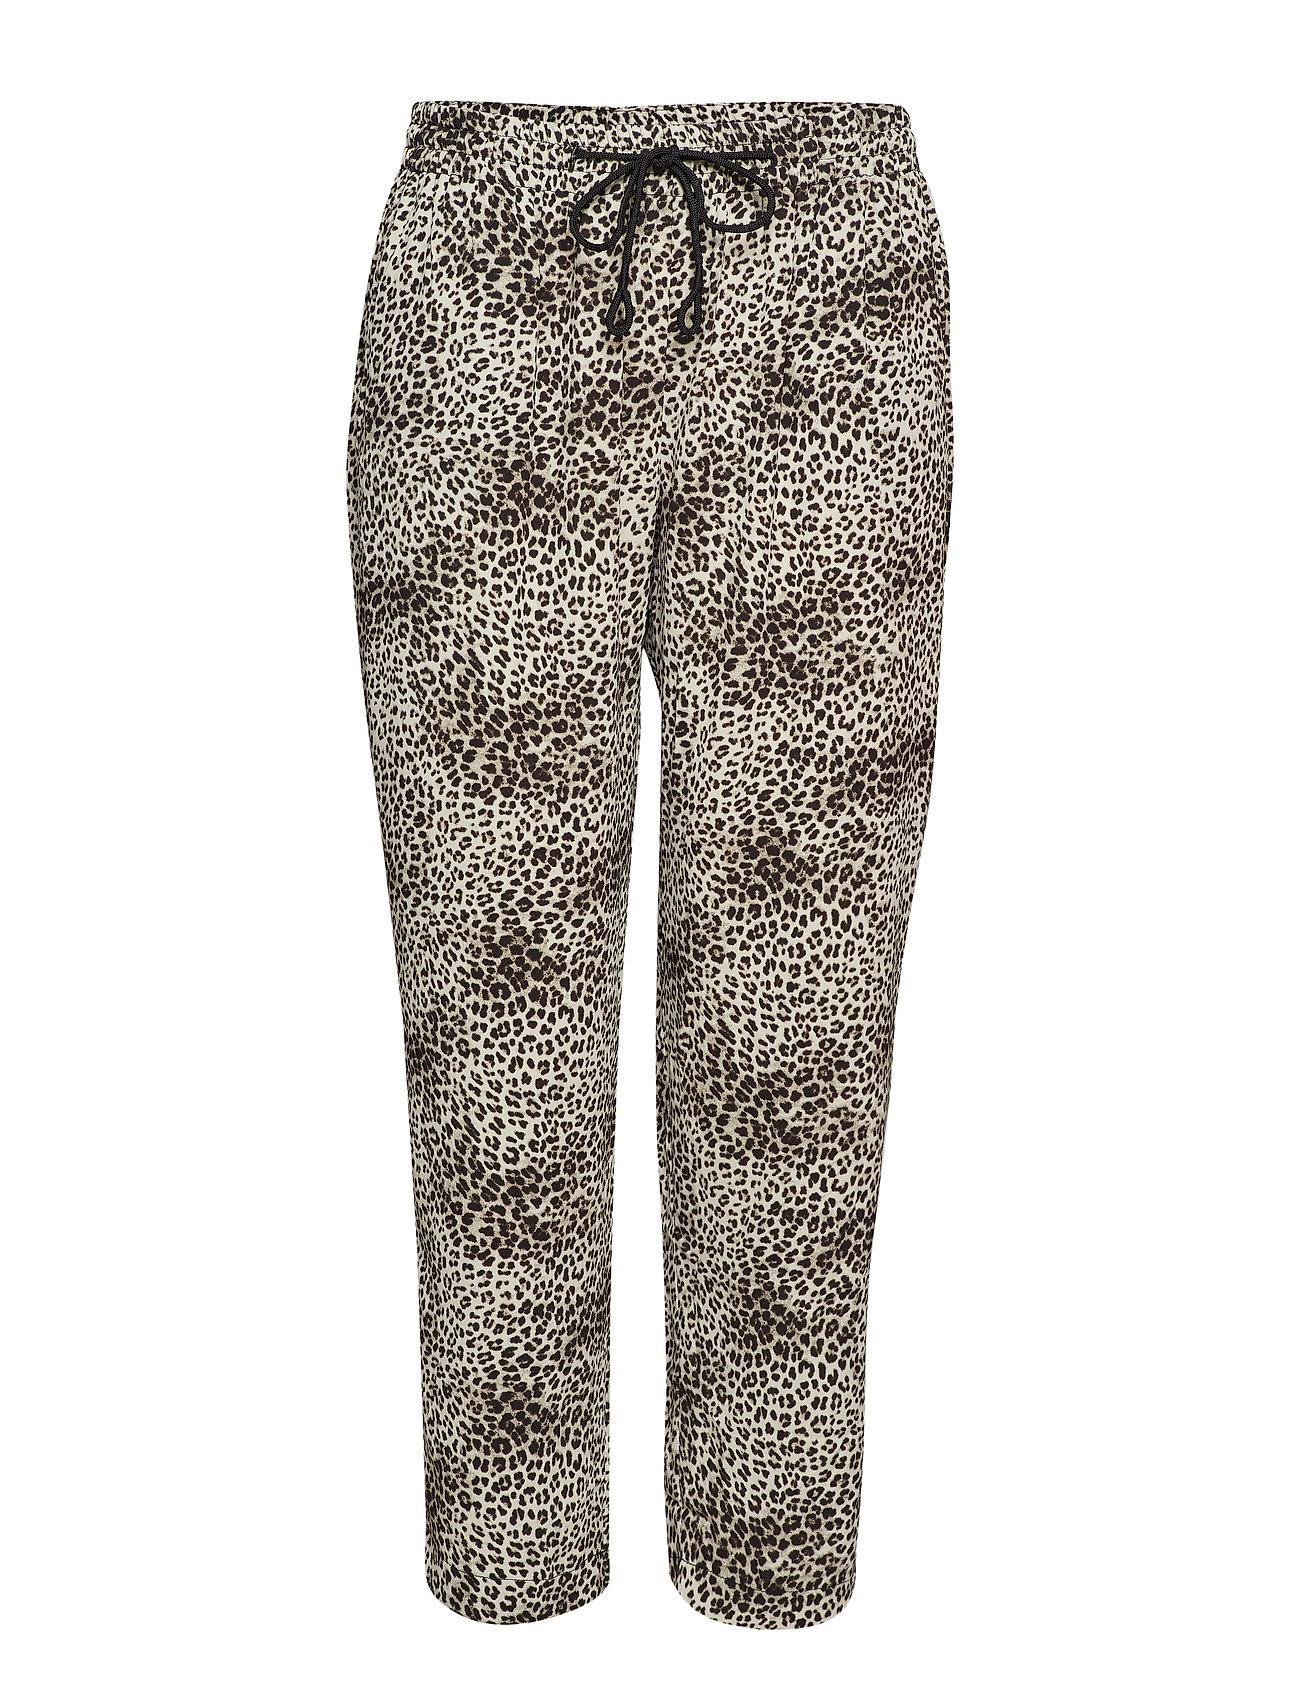 Printed Baggy Trousers Casual Bukser Multimønstret VIOLETA BY MANGO